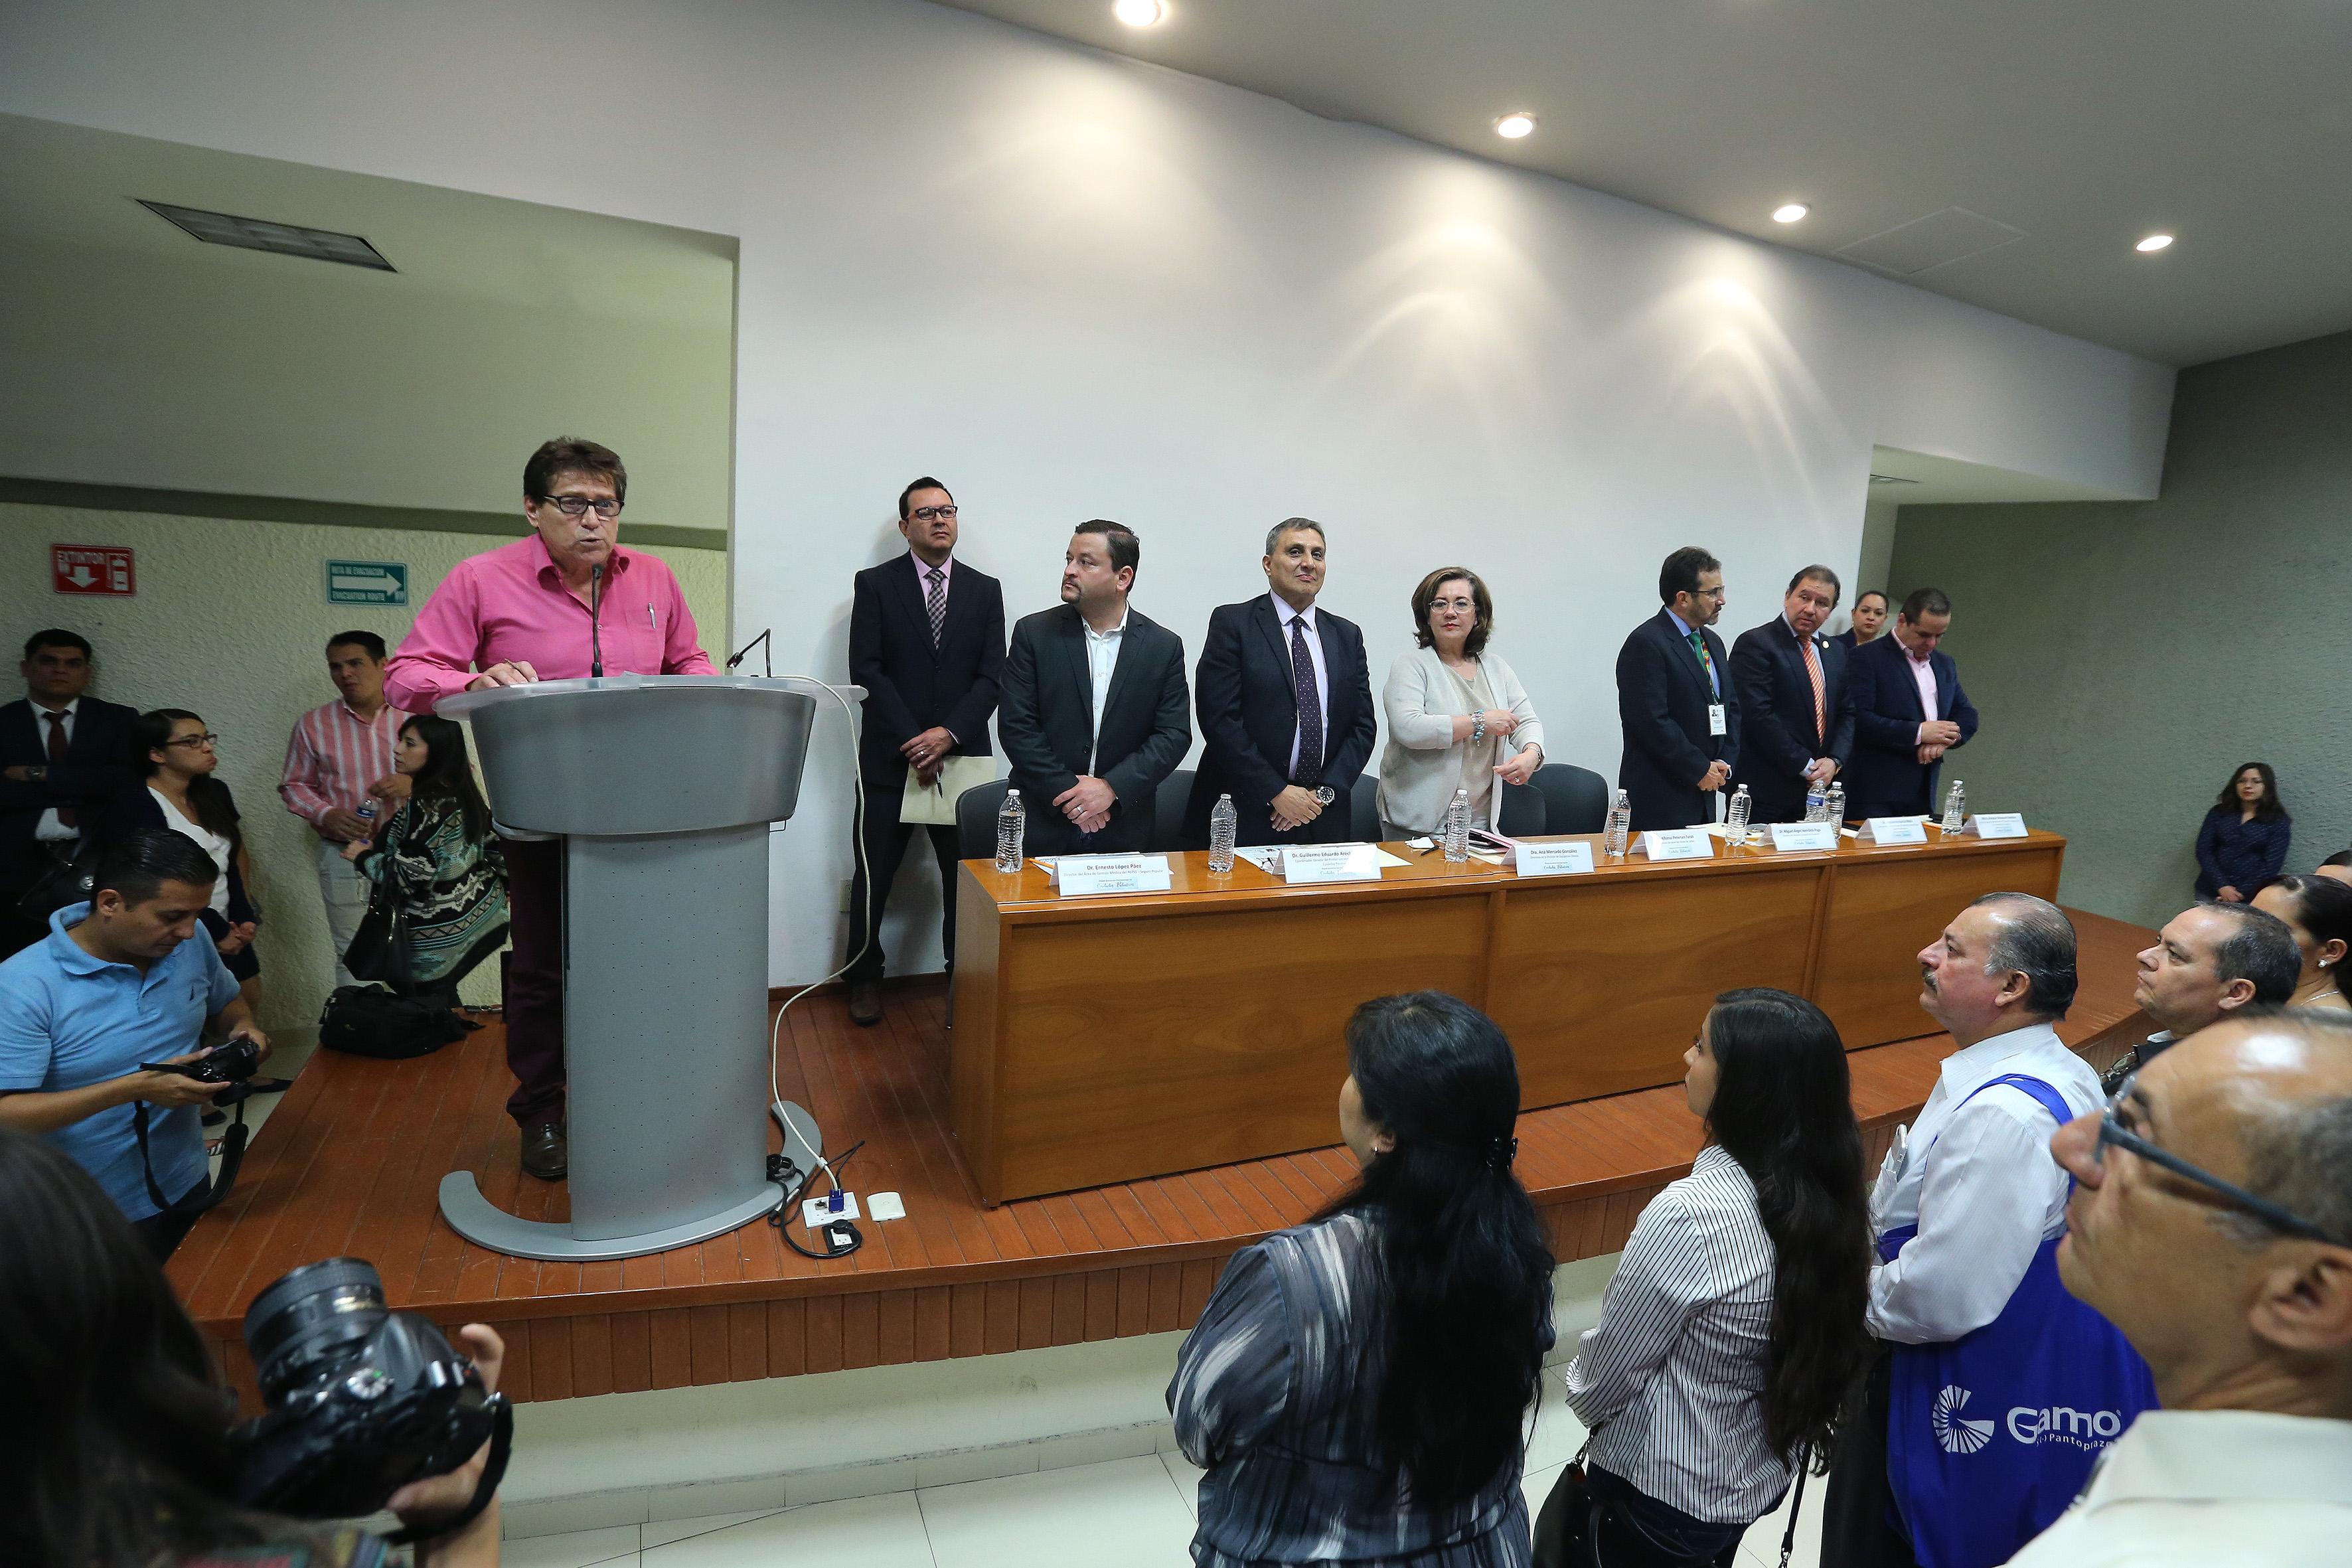 Dr. Armando Pimentel haciendo uso de la voz en podium